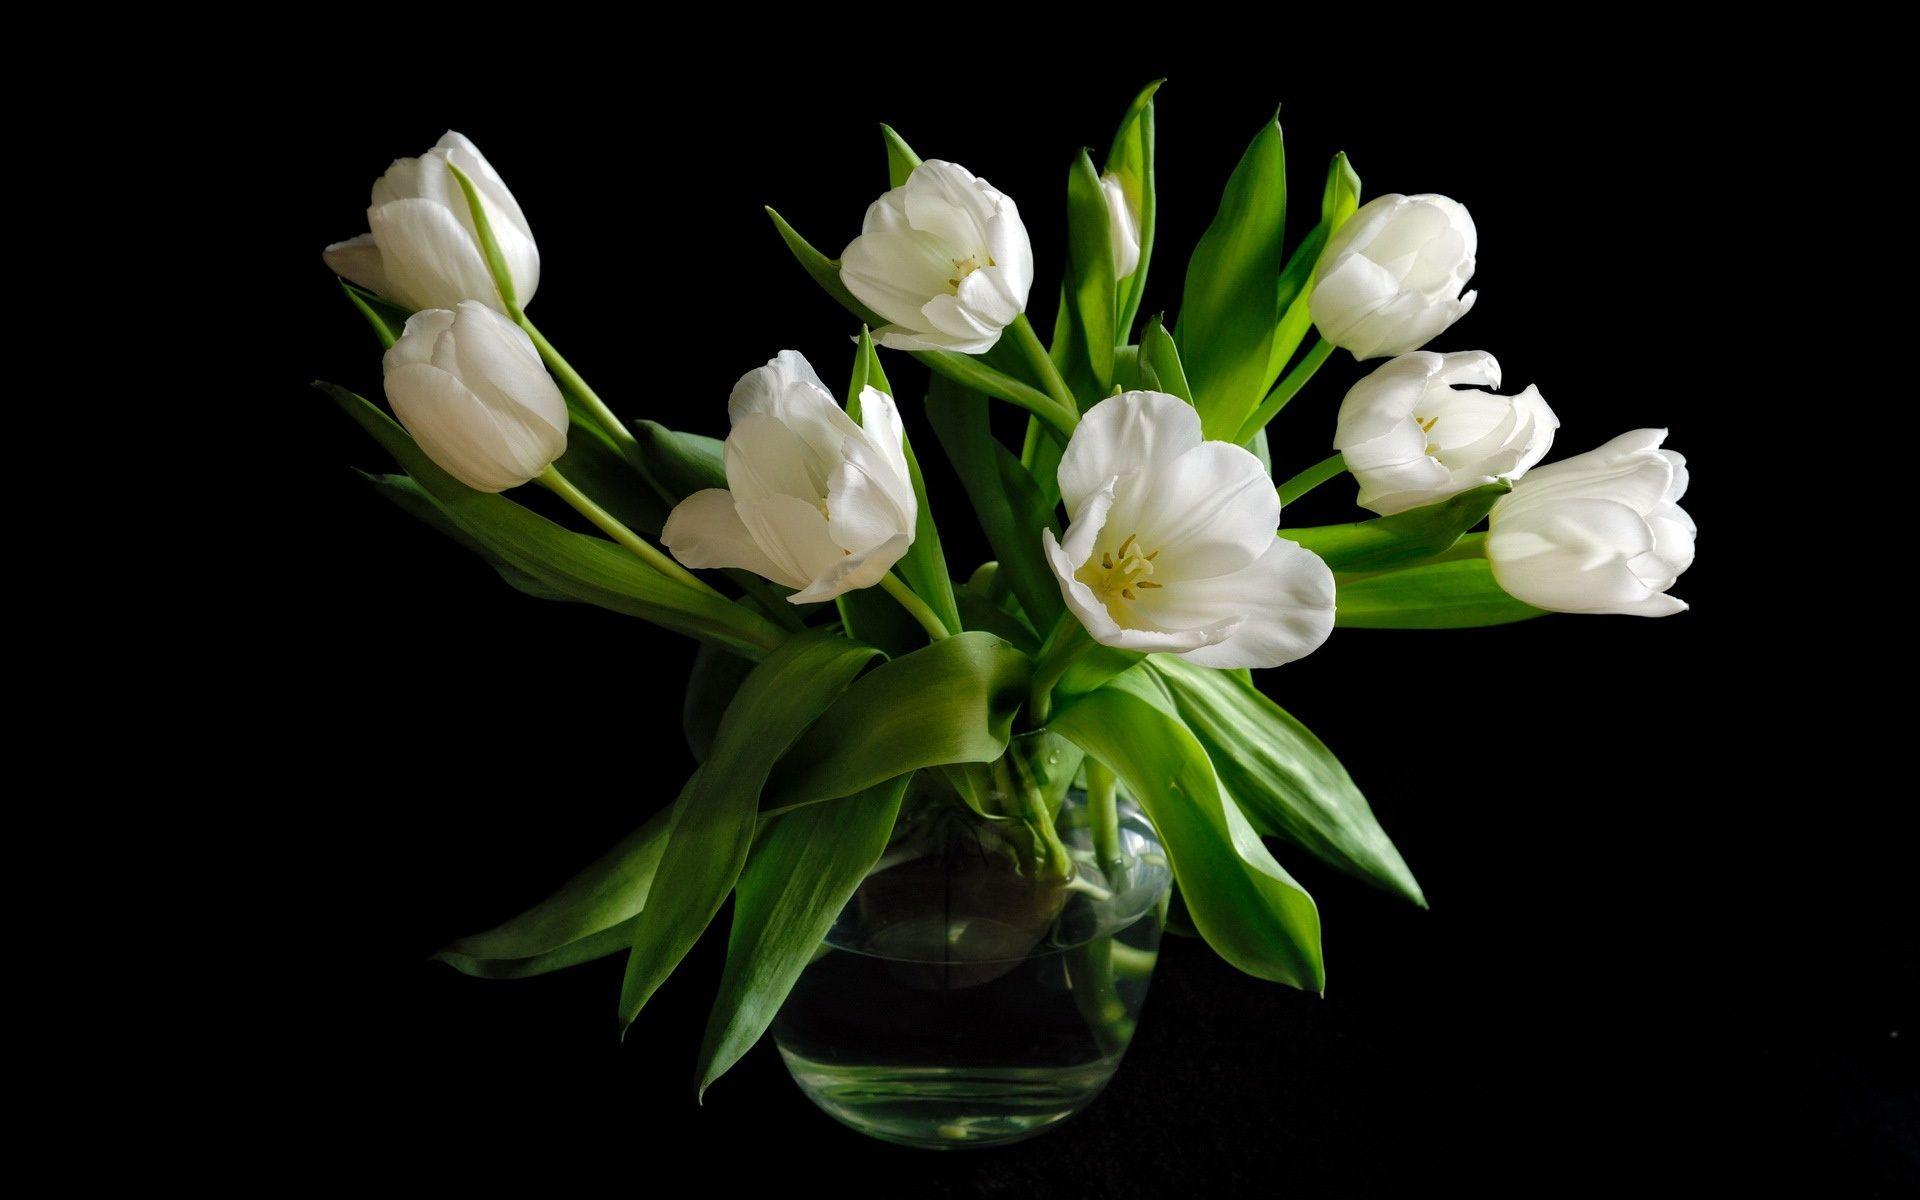 Vase white tulip flowers black background wallpaper cute pinterest